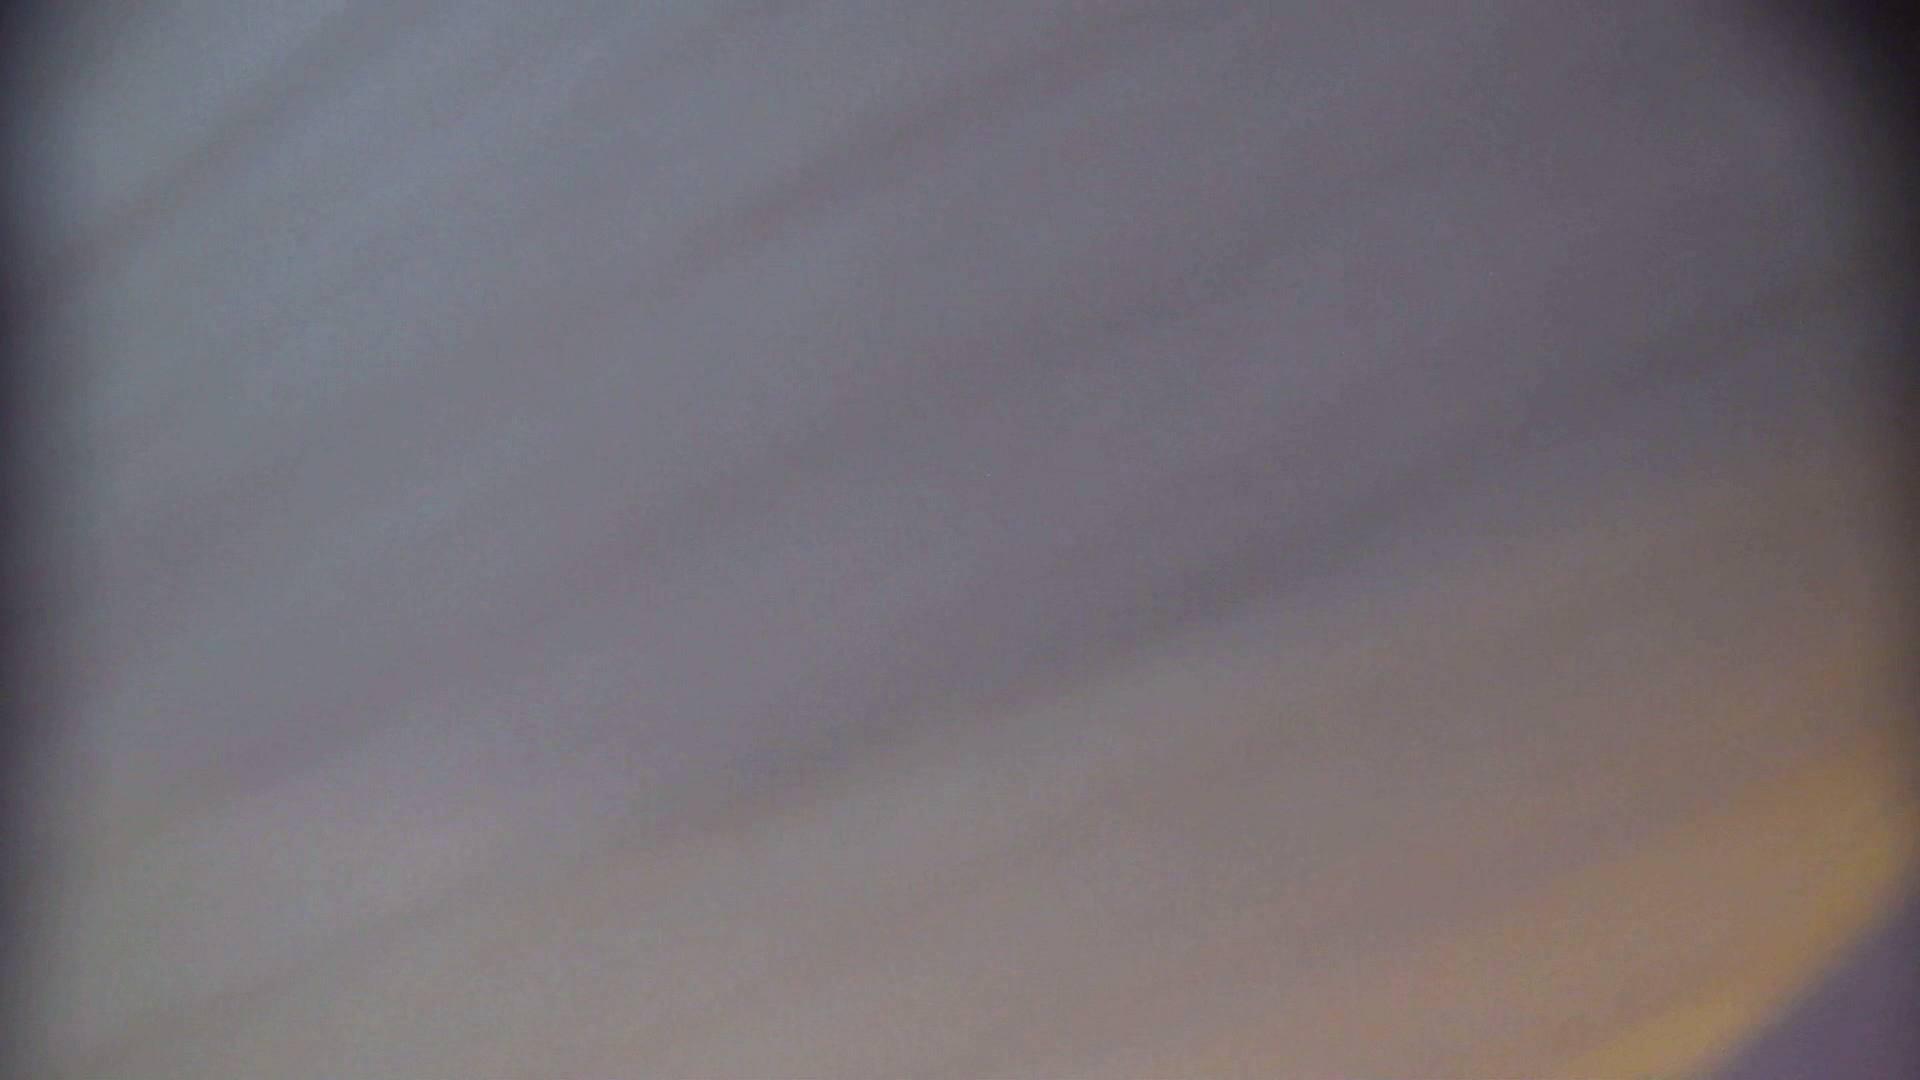 阿国ちゃんの「和式洋式七変化」No.4 和式   洗面所  84PIX 45